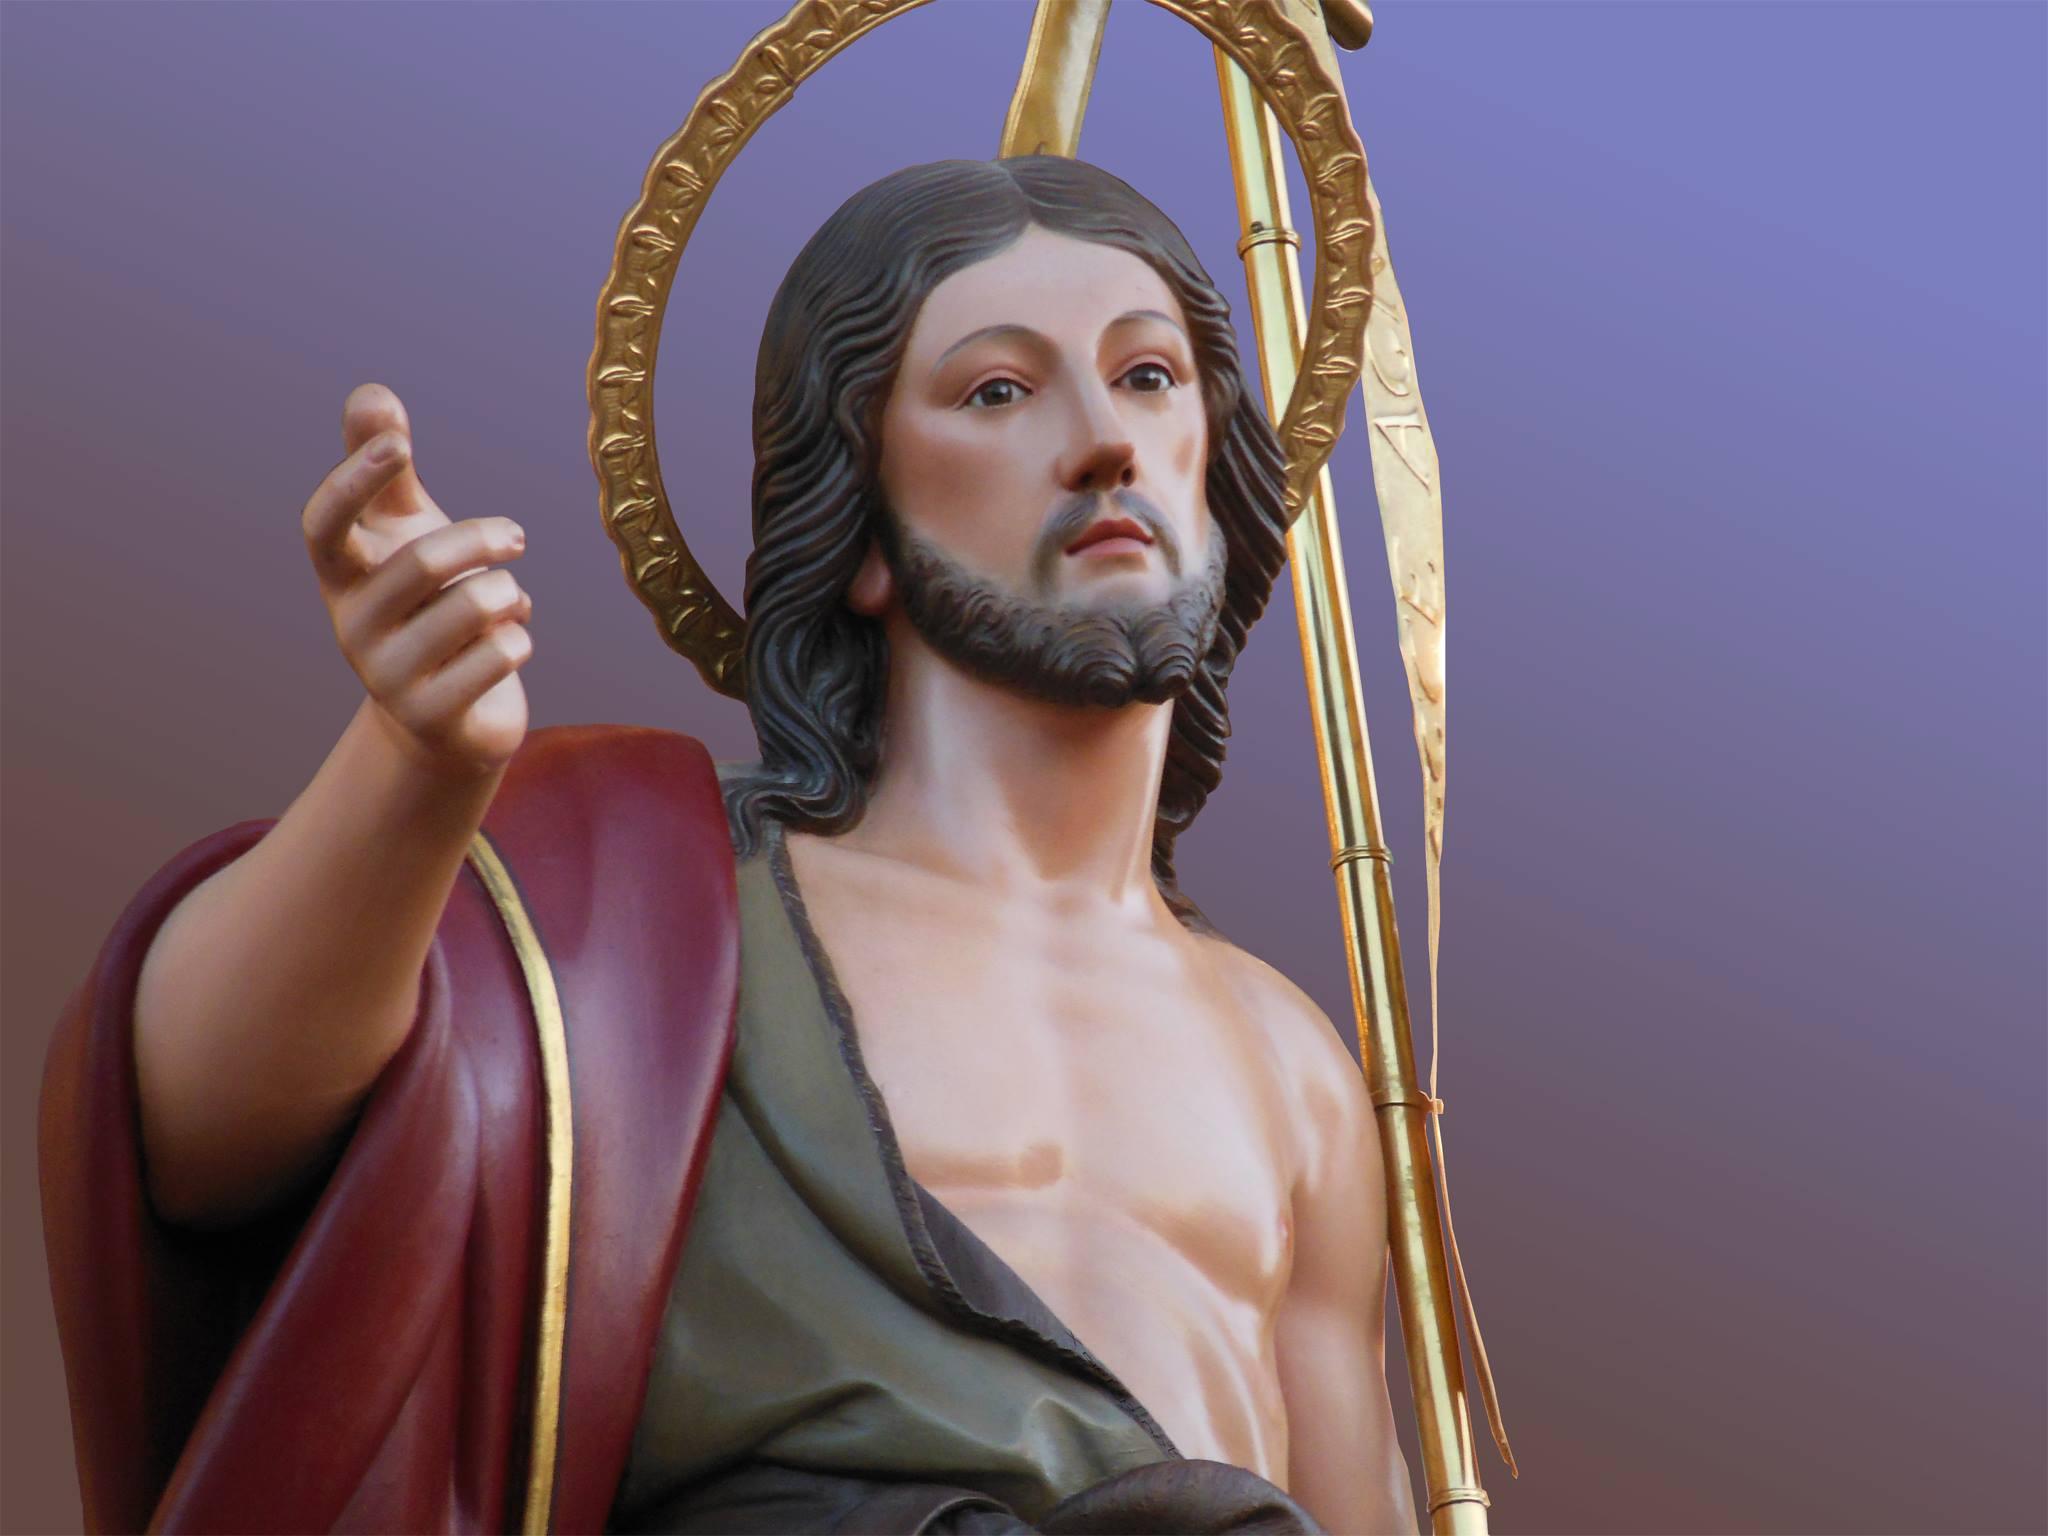 St. John the Baptist - June 24